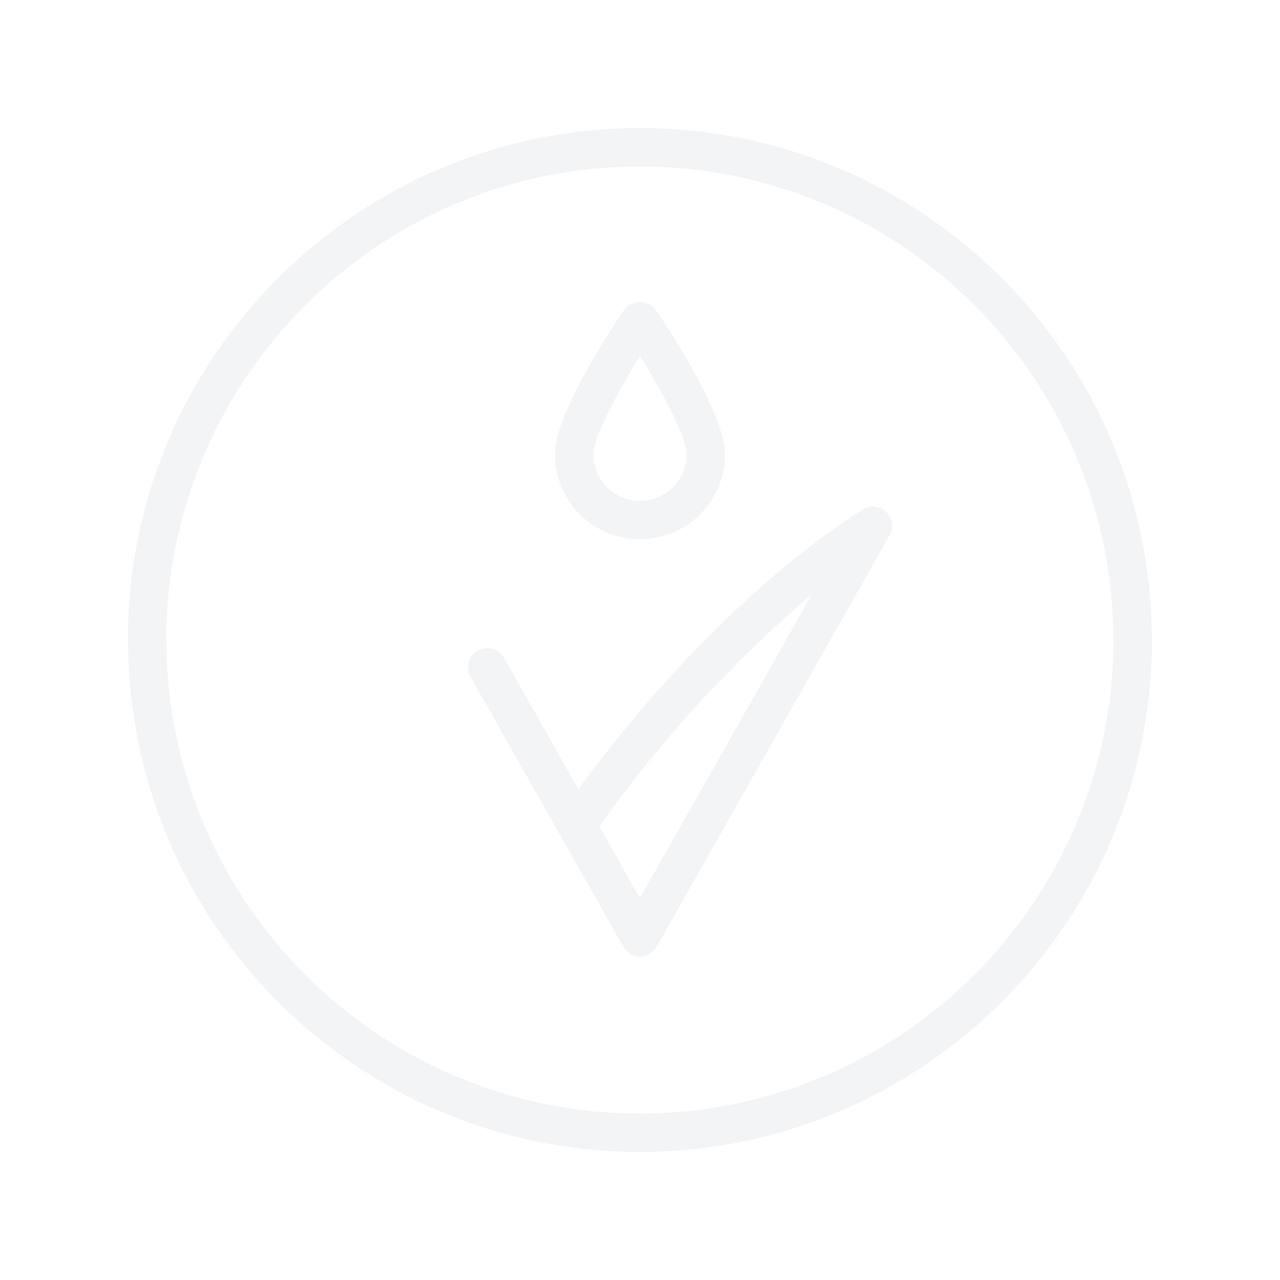 BEAUTYBLENDER Original Pro Sponge (Black) + Mini Blendercleanser Solid Pro